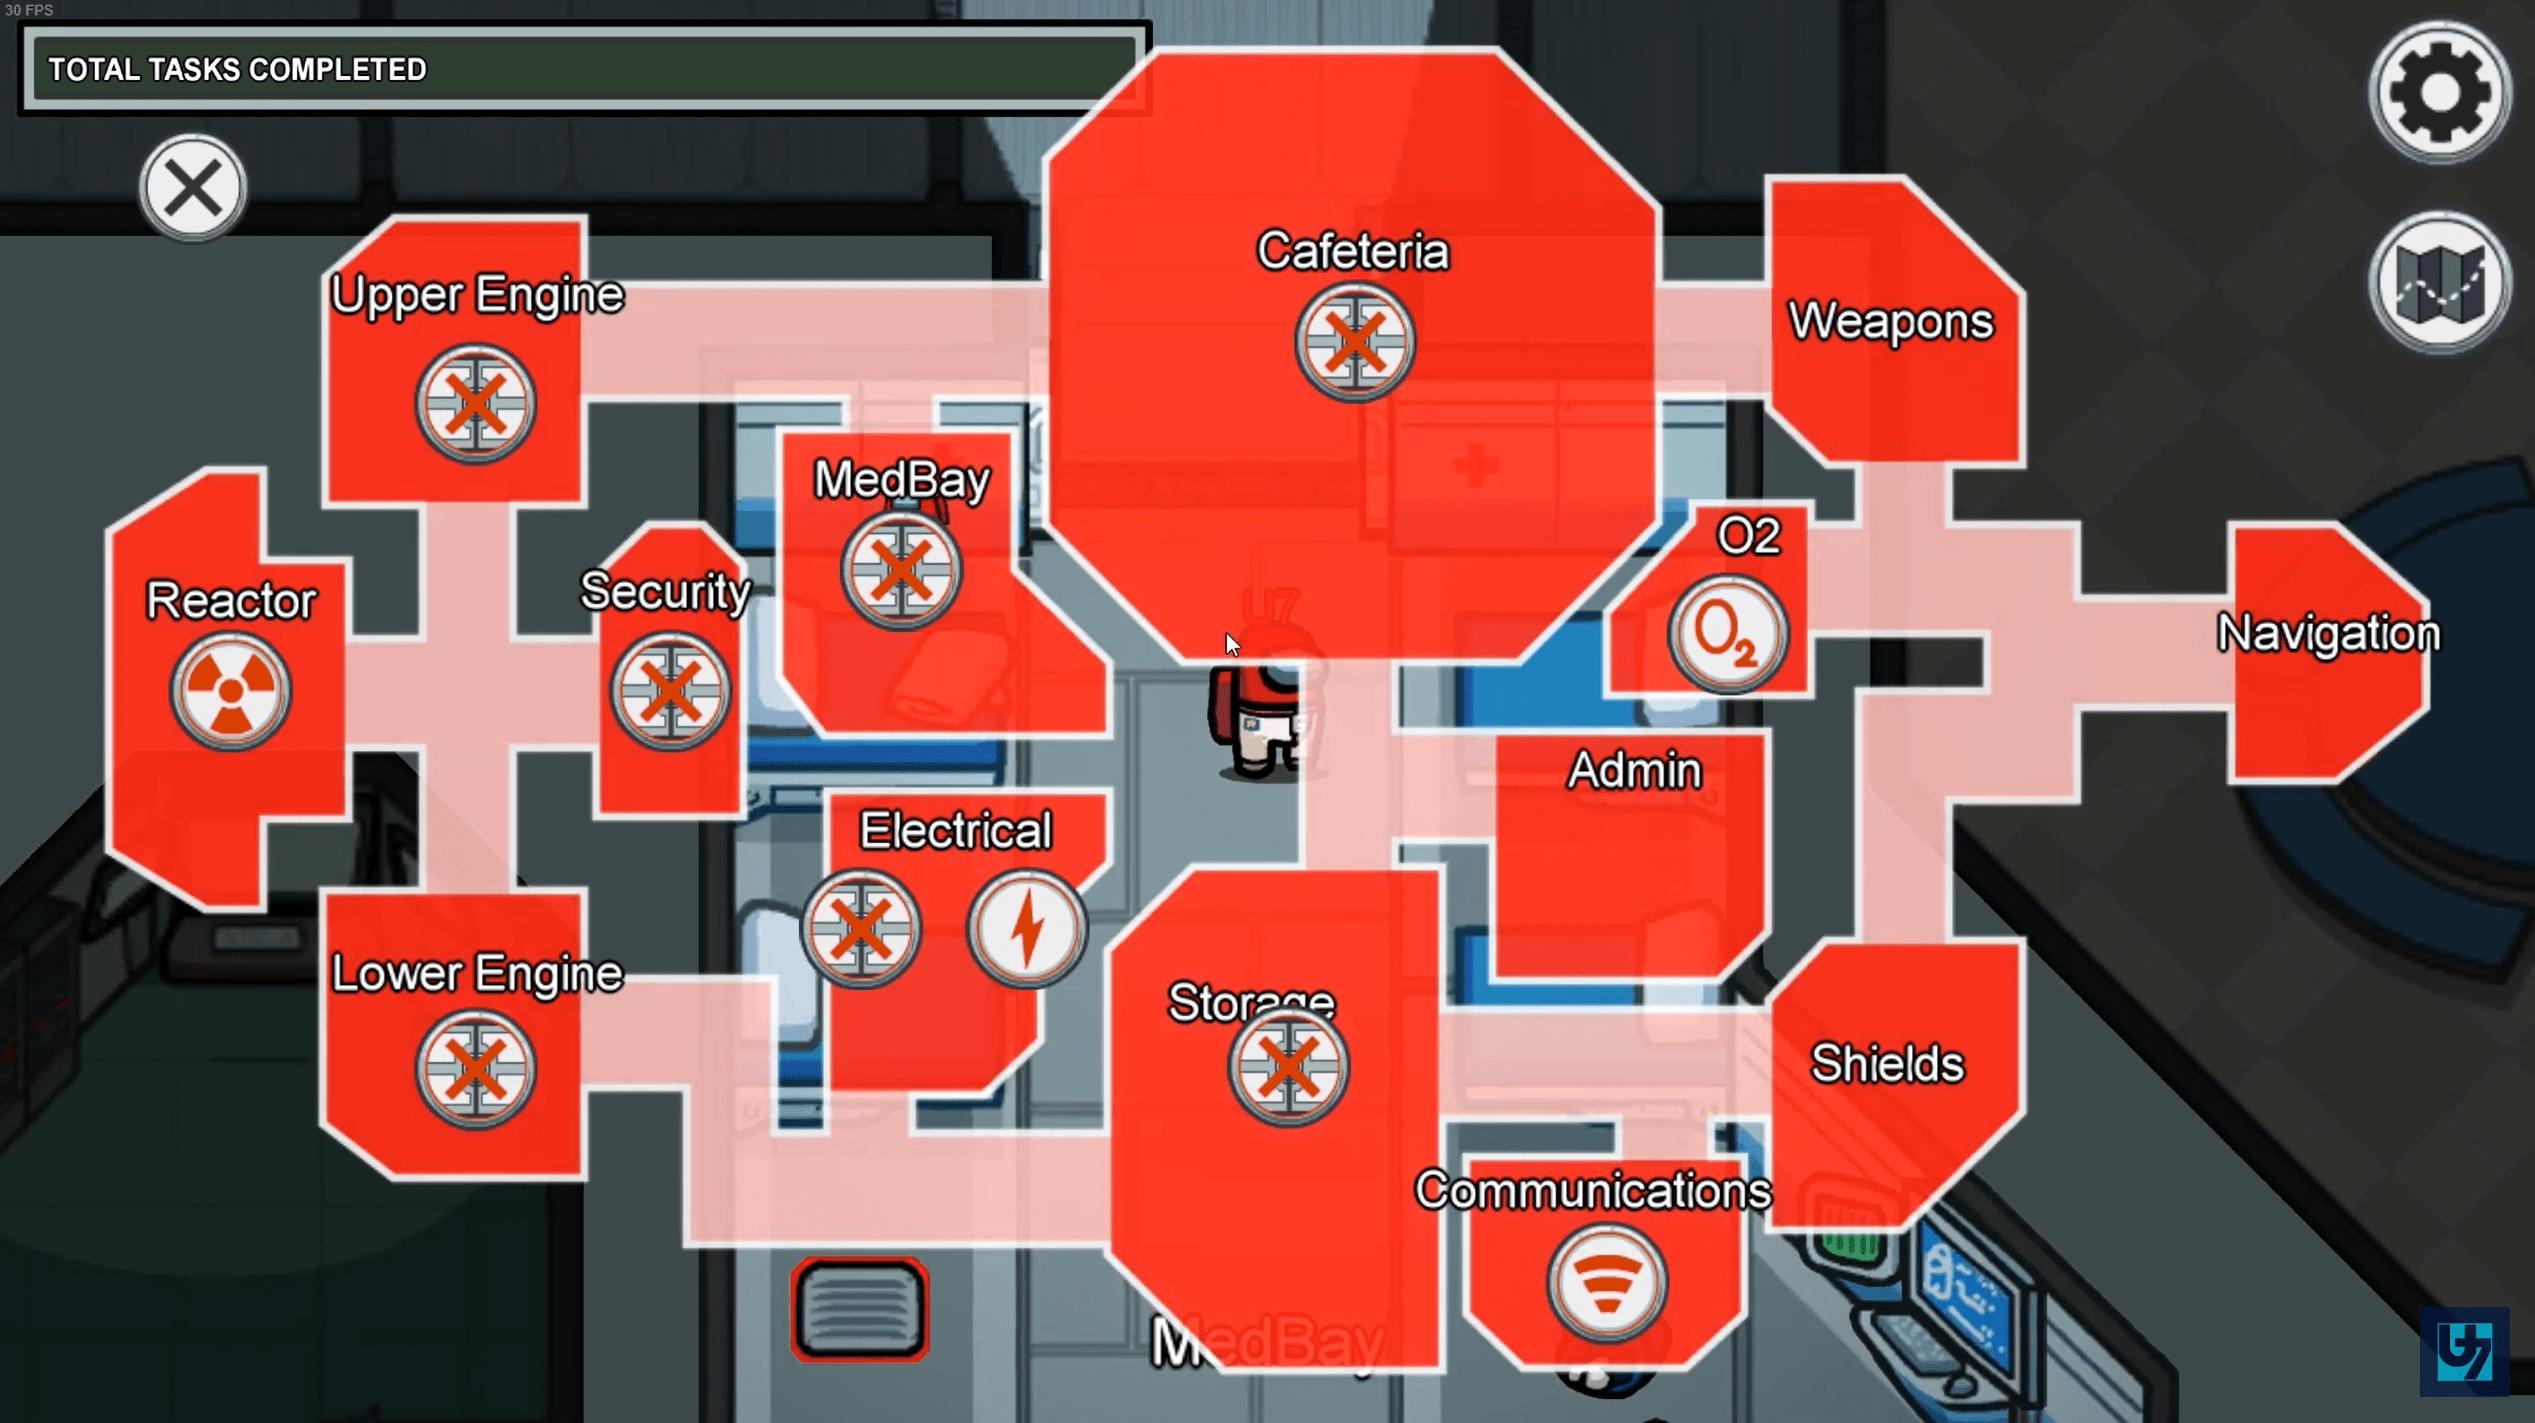 Dal menù di sabotaggio scegli le porte da sabotare per serrare le stanze nella partita di Among Us.